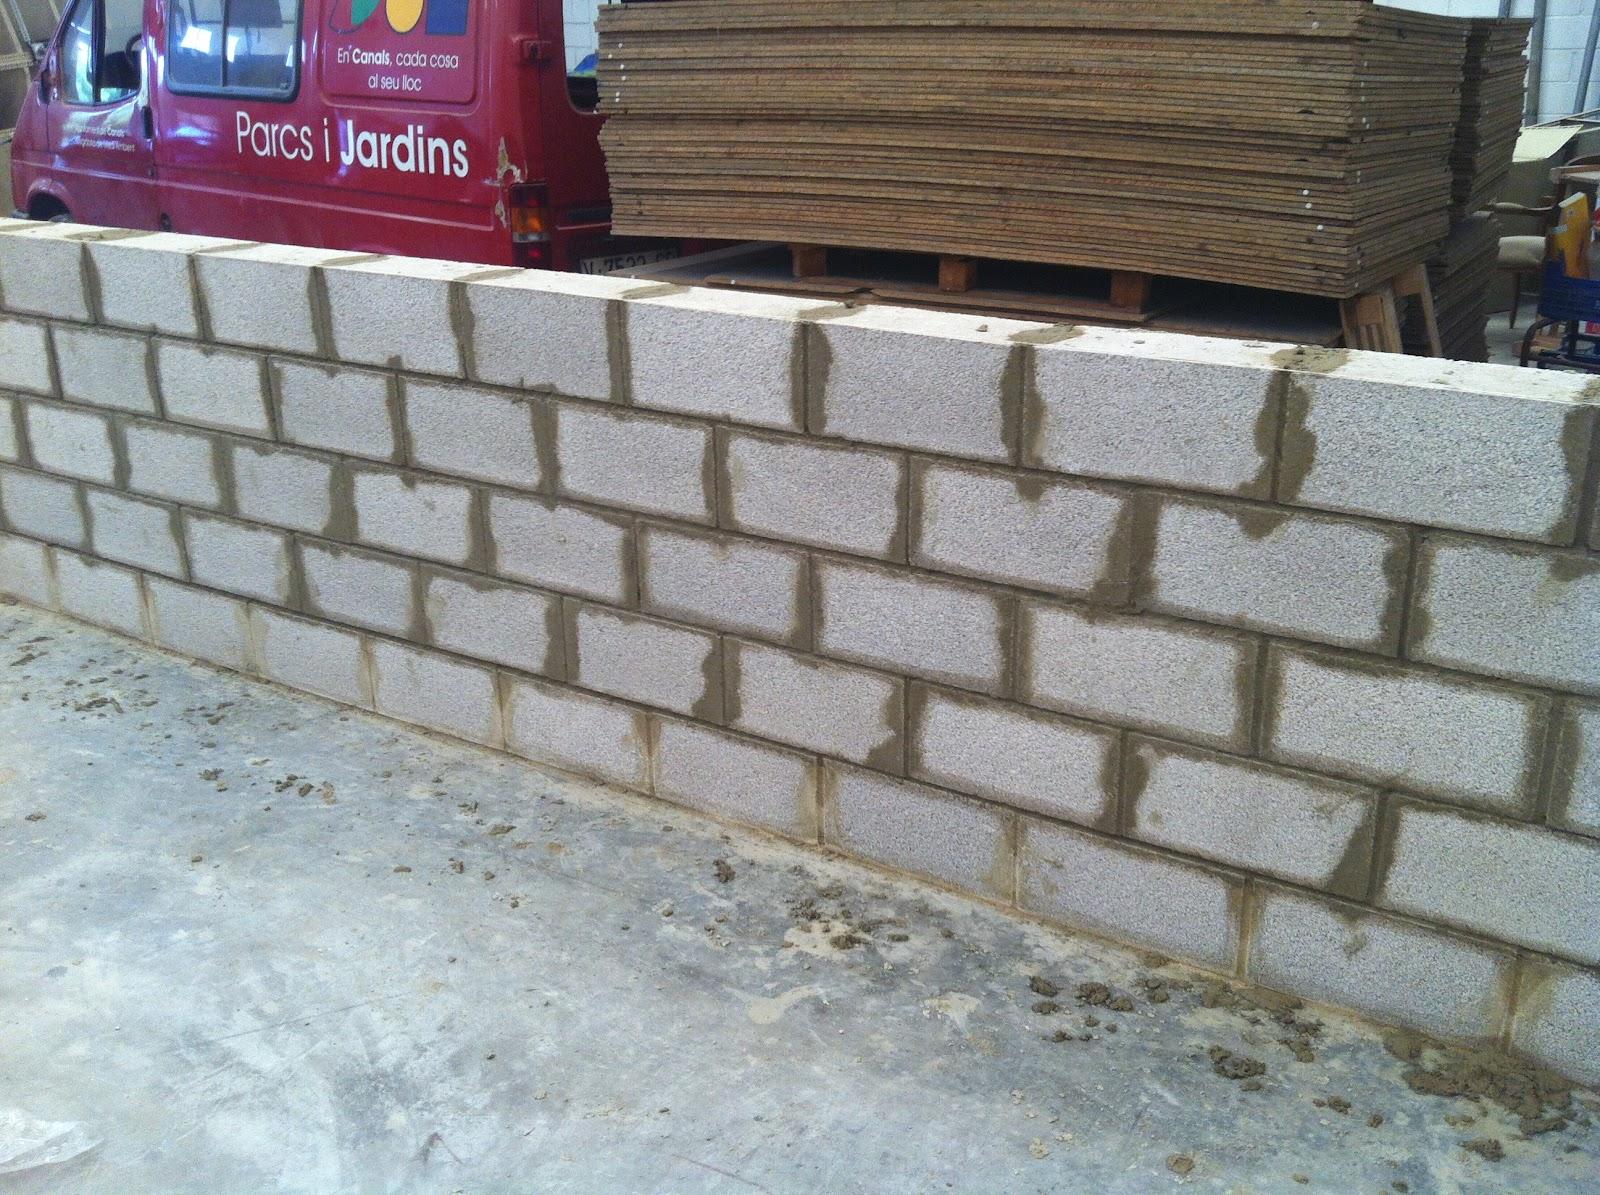 El muro de bloques escuela taller la lloca iv canals - Muro de bloques ...